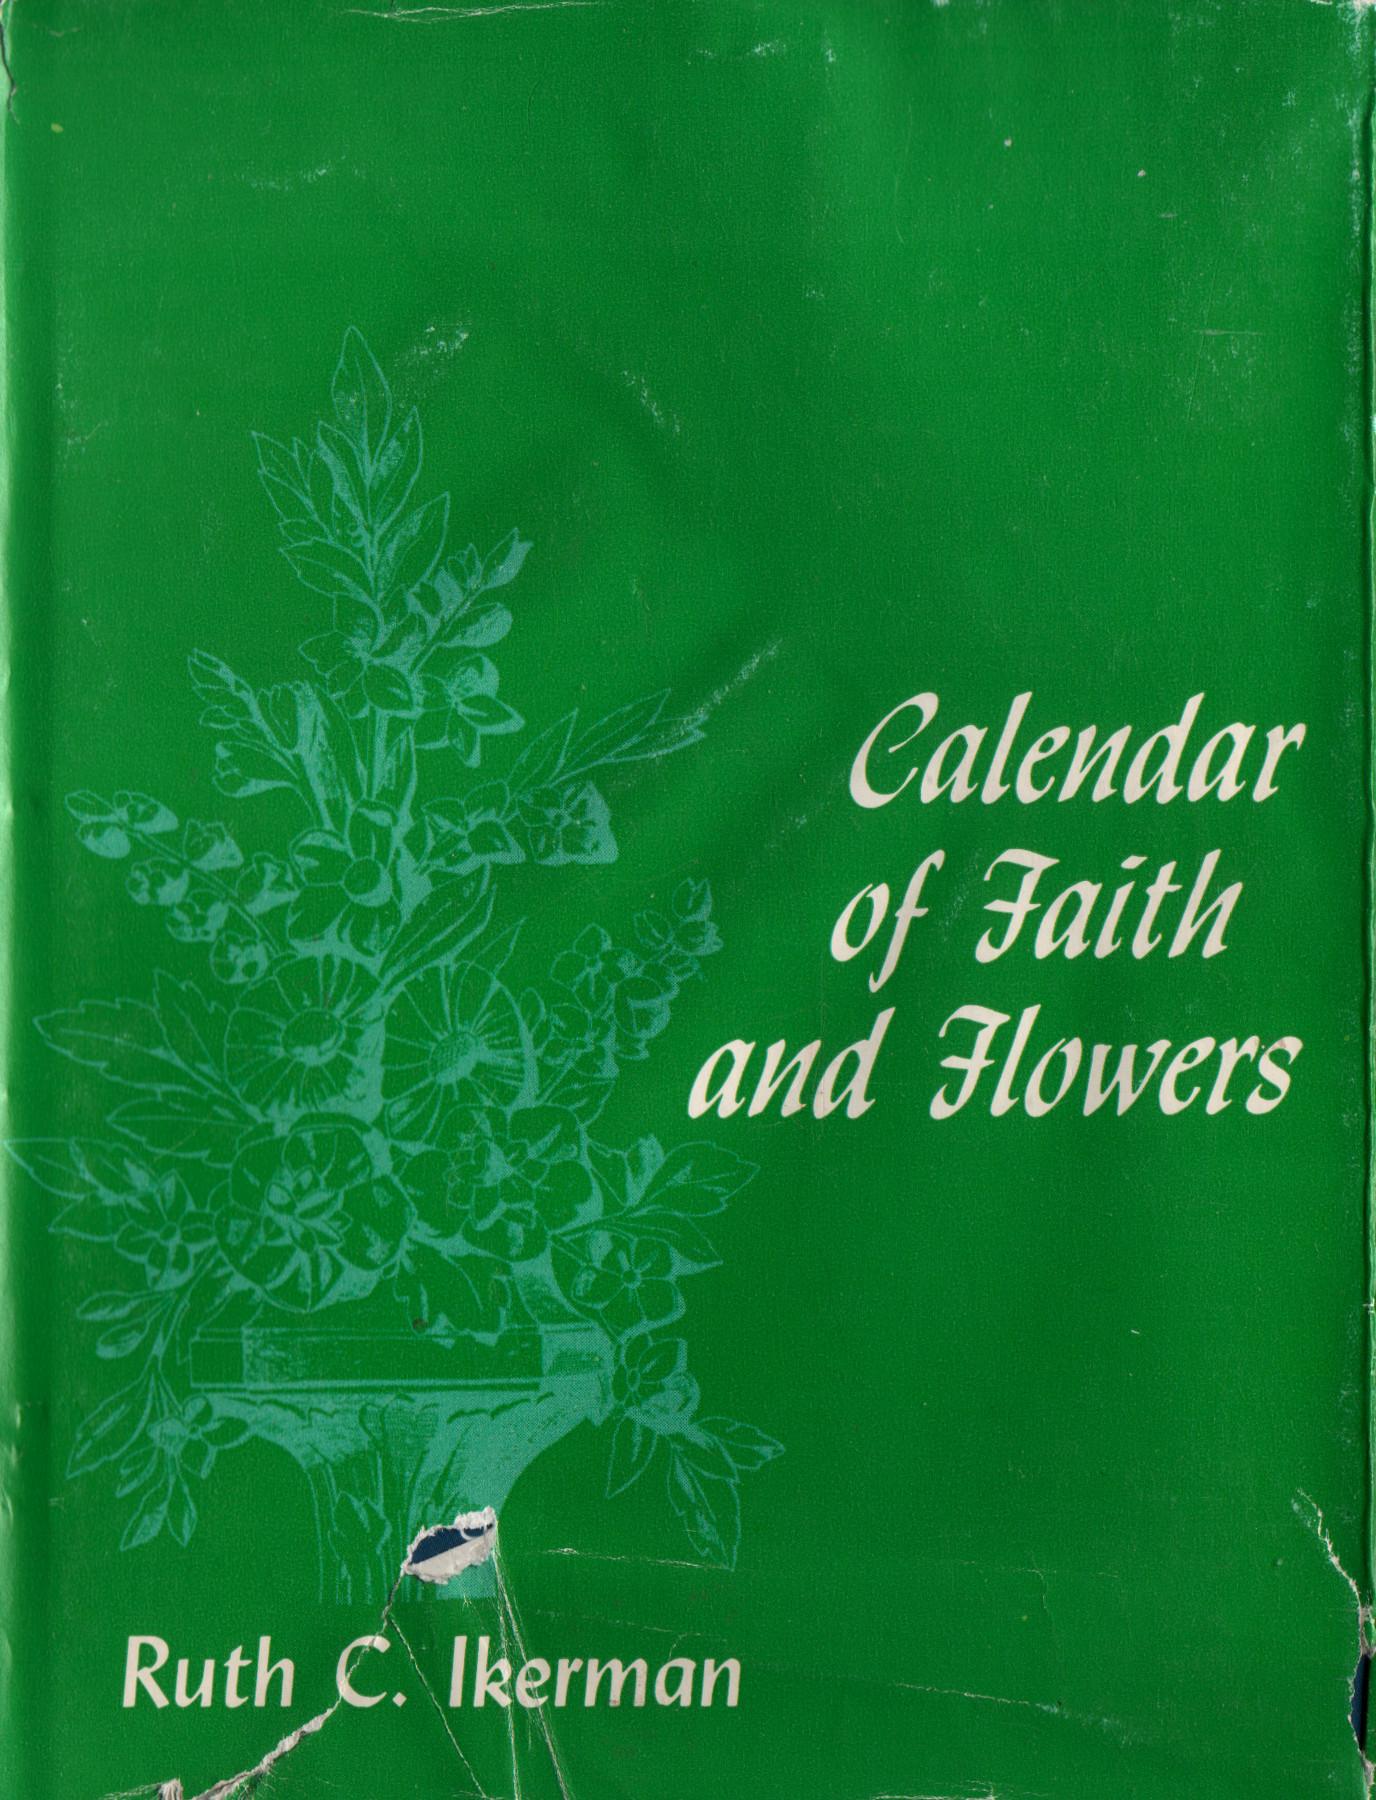 Calendar of Faith and Flowers  by  Ruth C. Ikerman